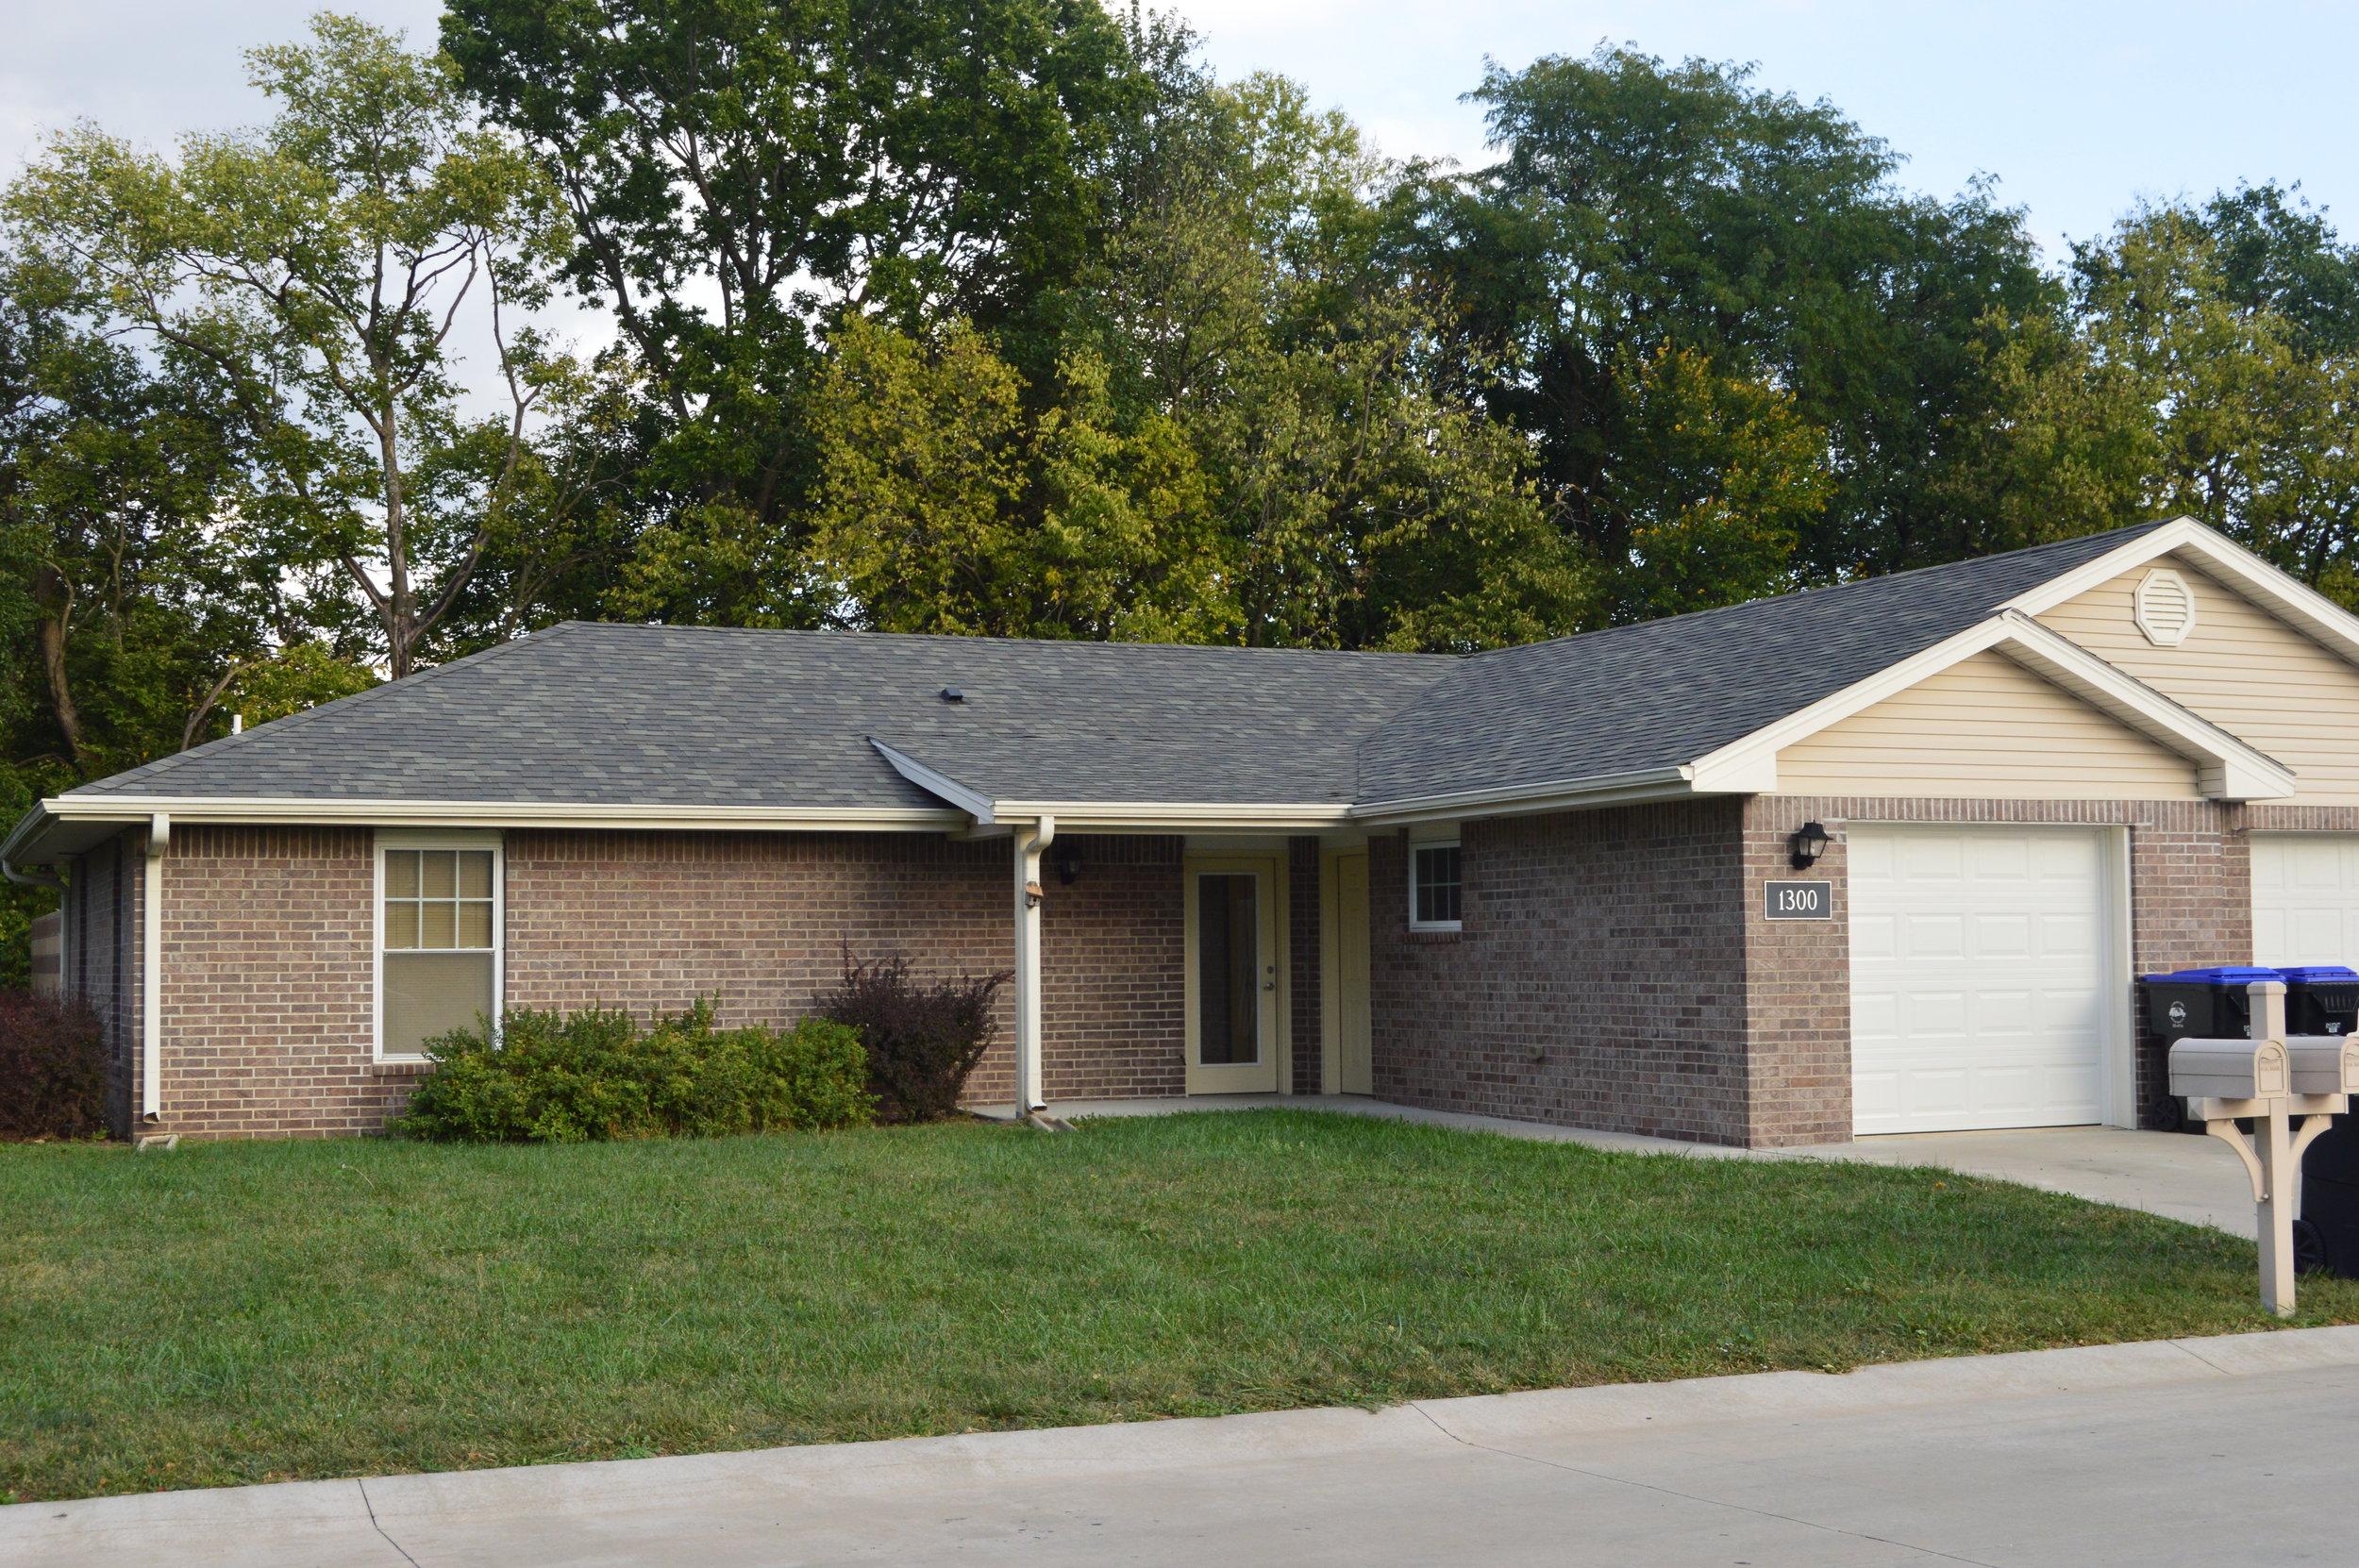 Cornerstone Village Duplex Development   Client: Cornerstone of Topeka Architect:Architect One P.A.